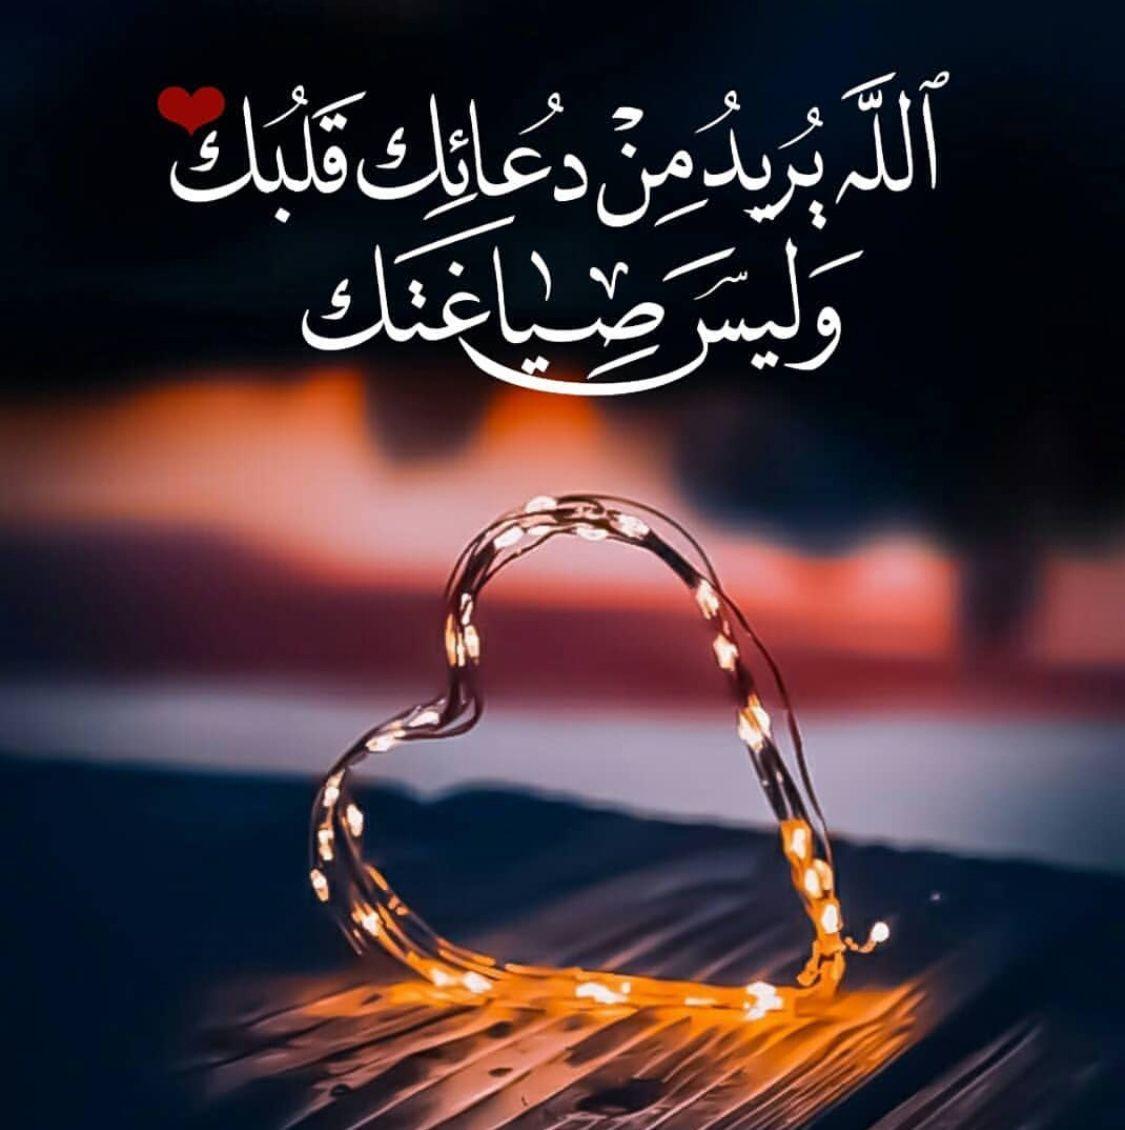 خواطر صباحية دينية Arabic Quotes Islamic Quotes Wise Quotes